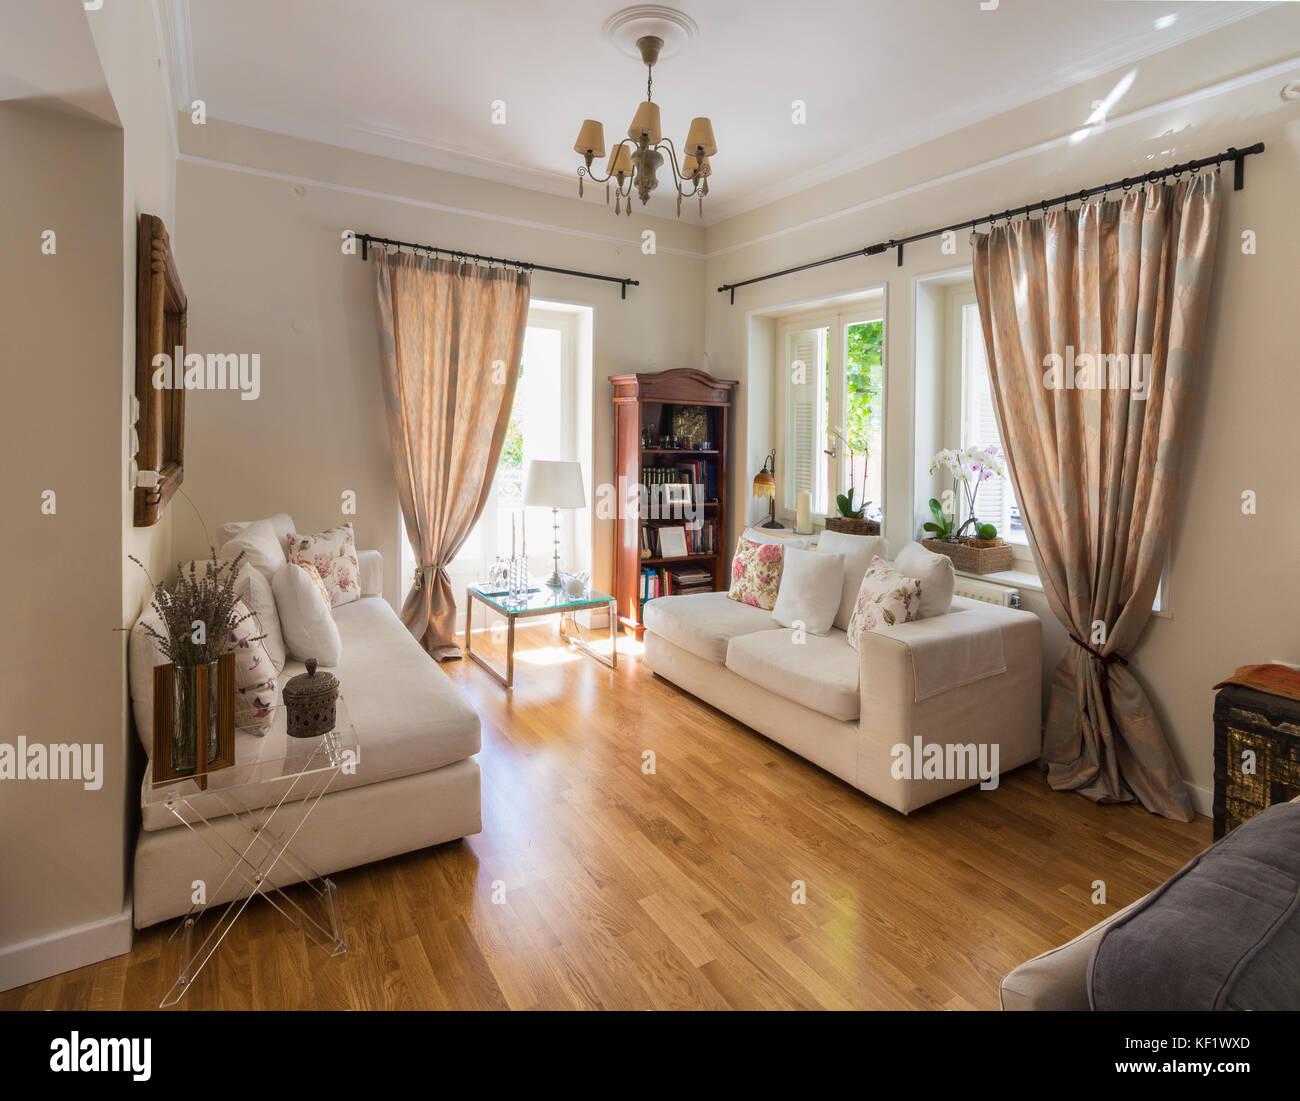 Großes Wohnzimmer sehr hell mit Eiche Parkettboden und